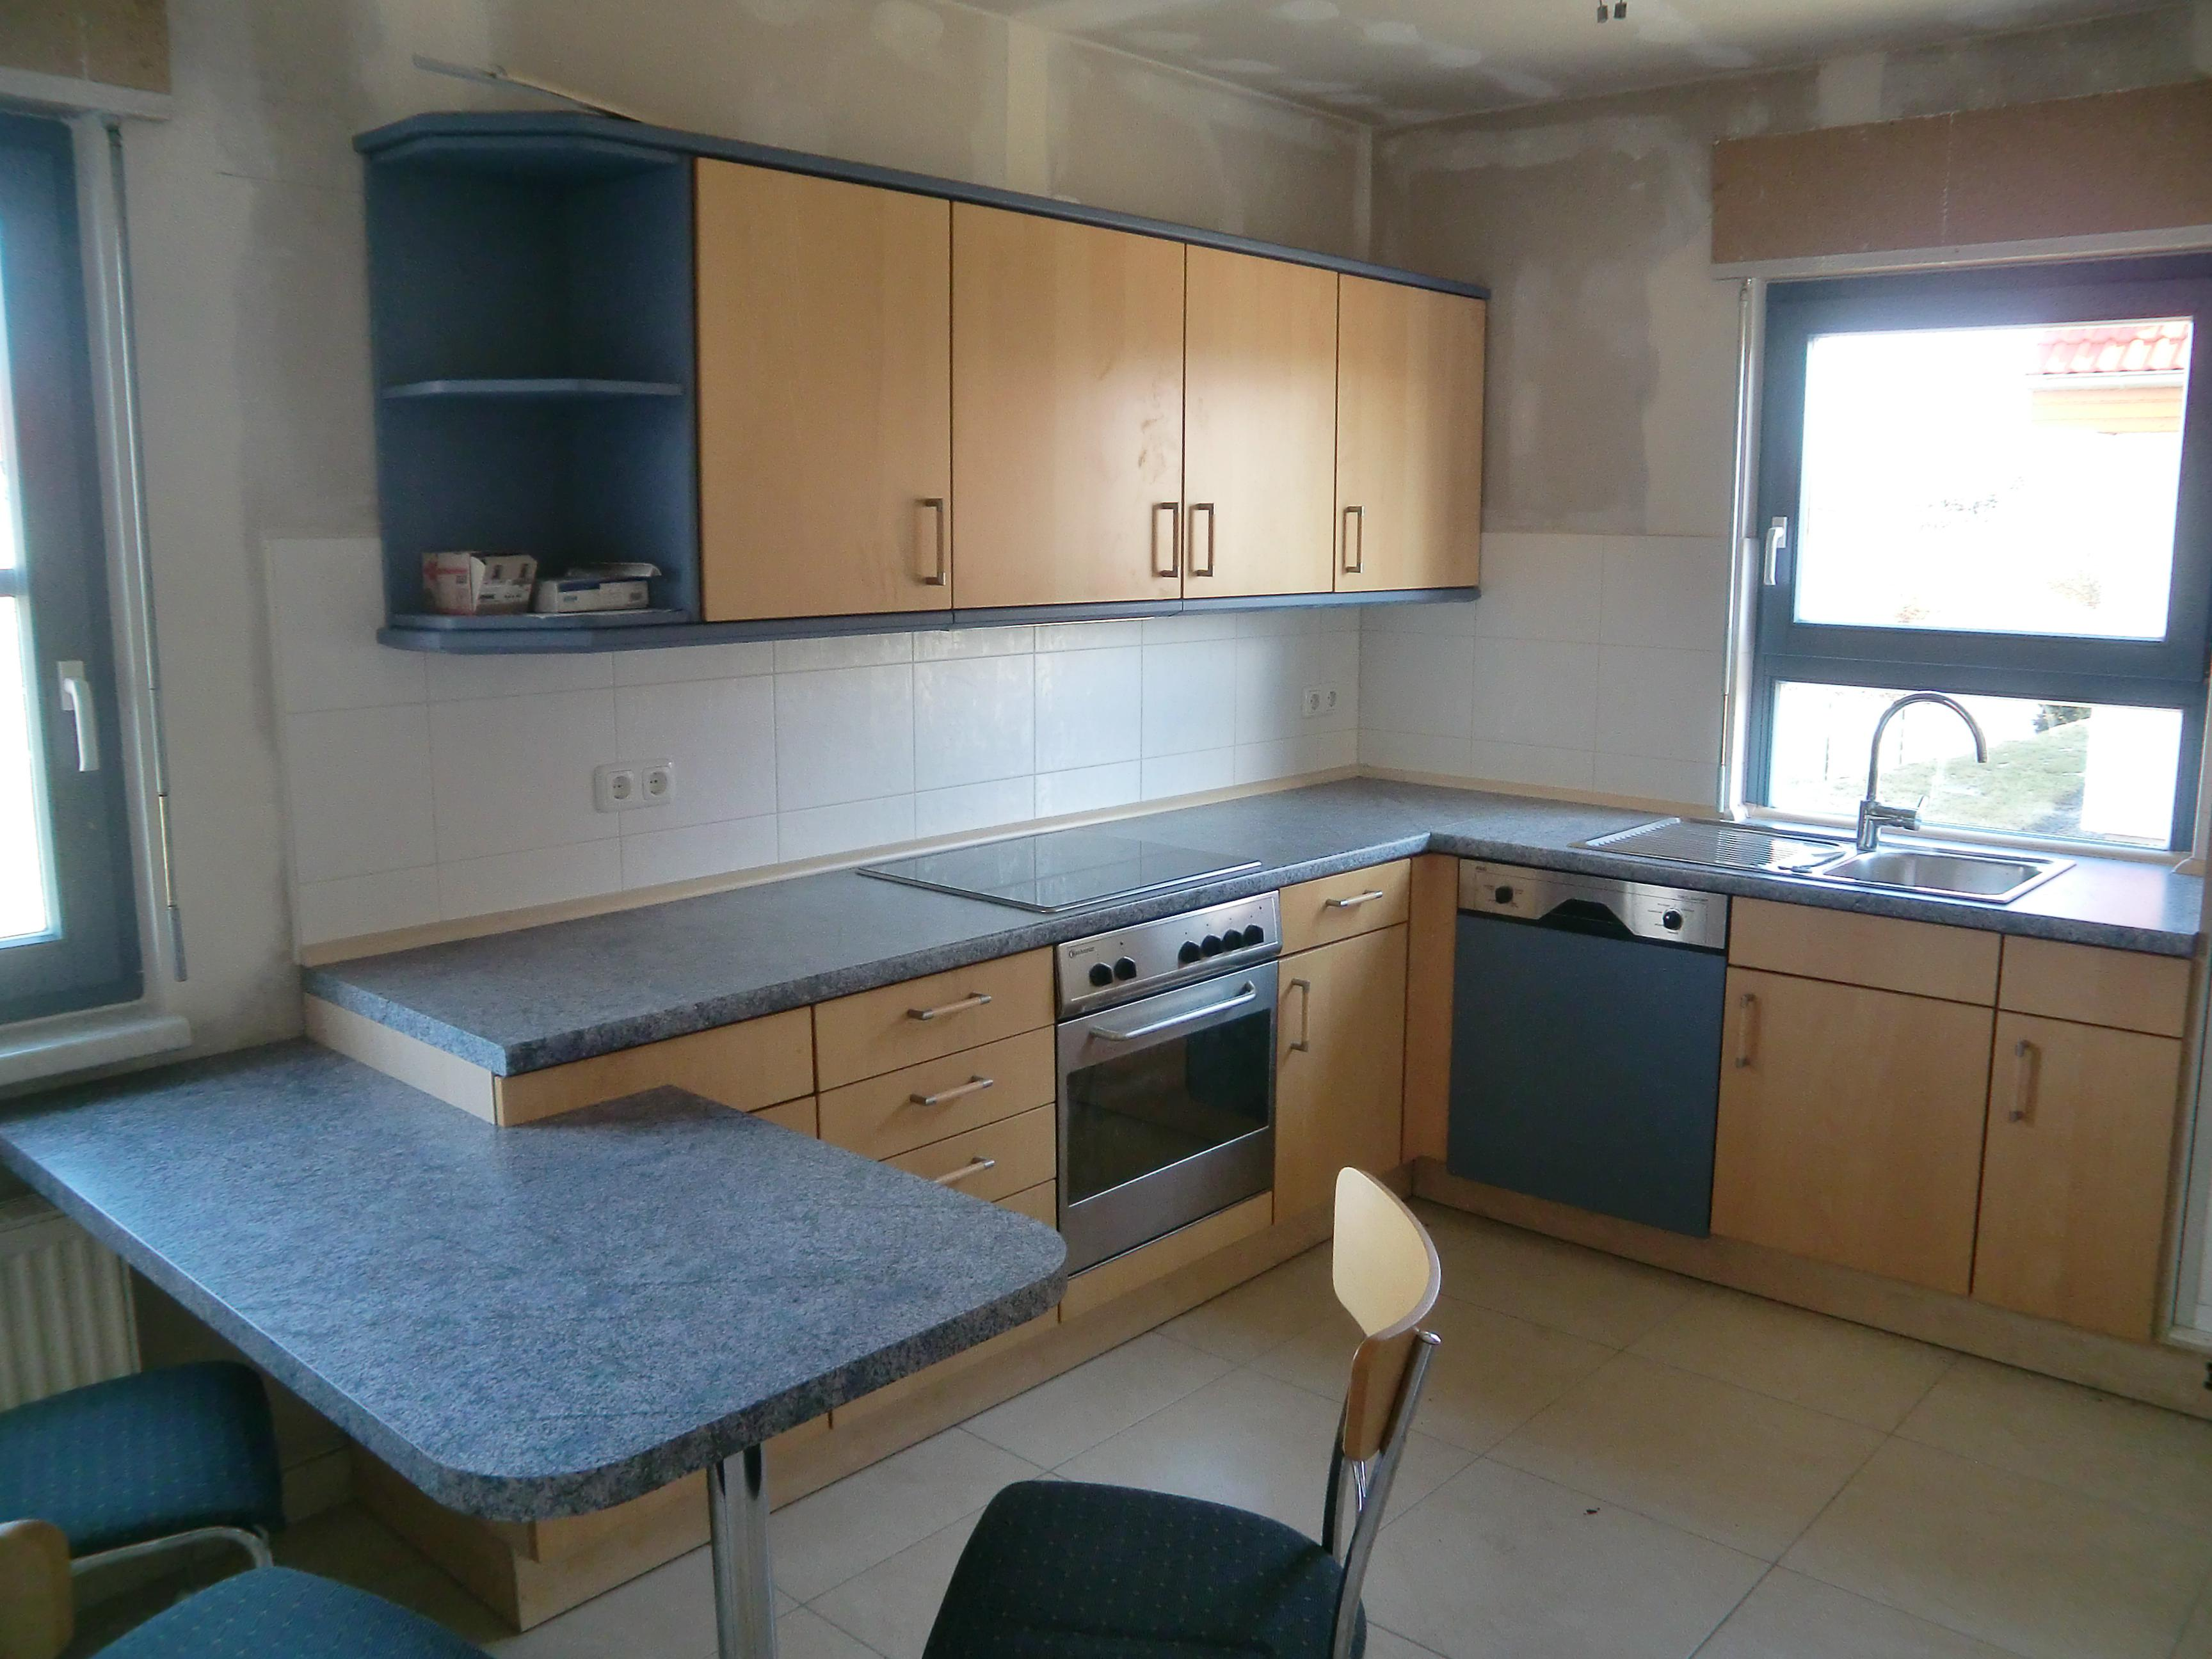 Küche Gebraucht München Ebay | Mobel Und Haushalt Kleinanzeigen In Watzumer Hauschen